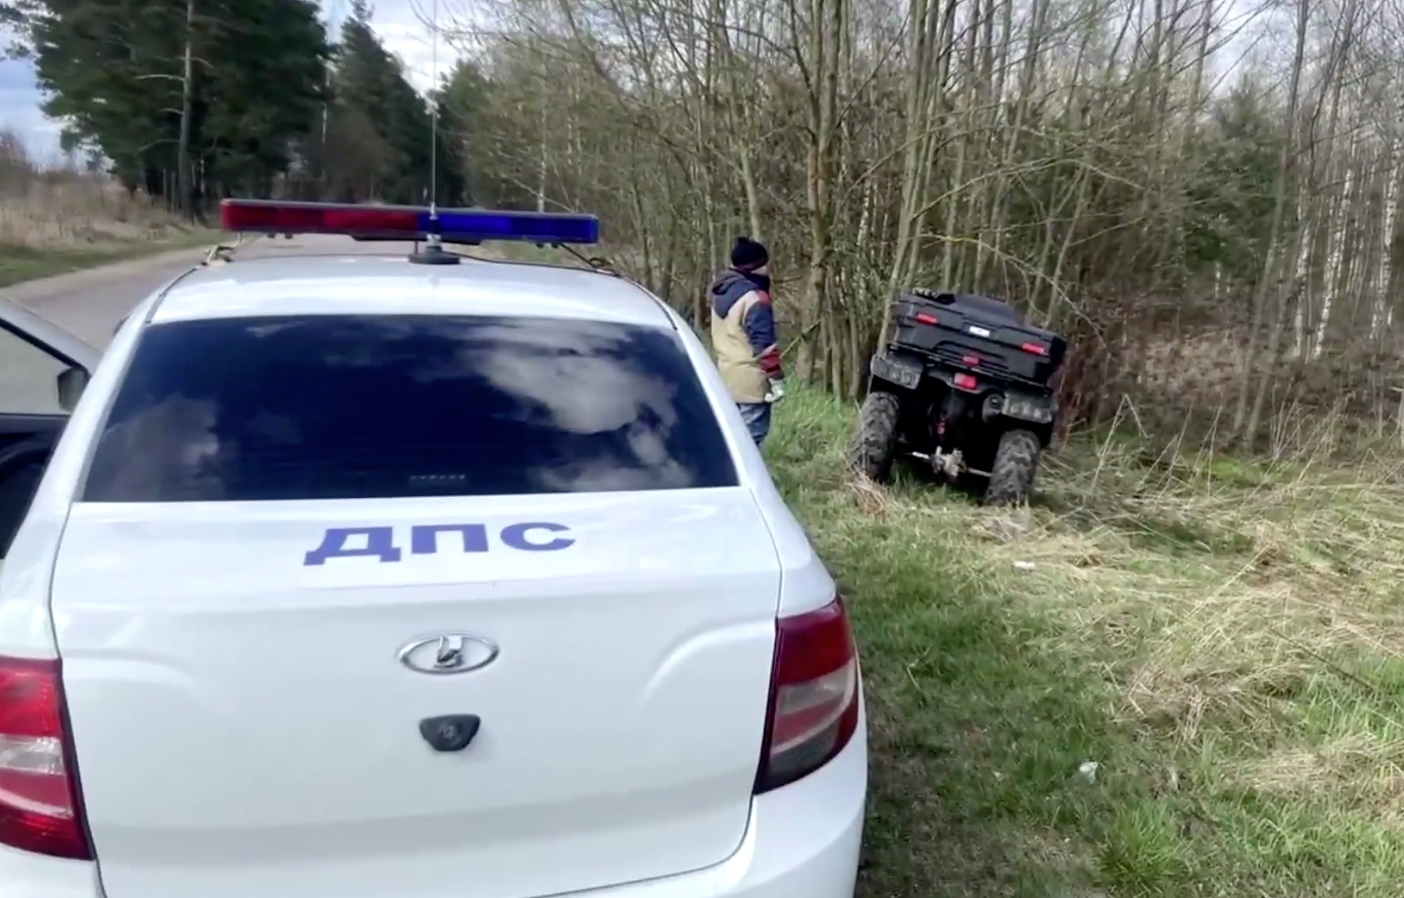 Опубликовано видео погони ДПС за пьяным мужчиной с ребенком на квадроцикле под Тверью - новости Афанасий